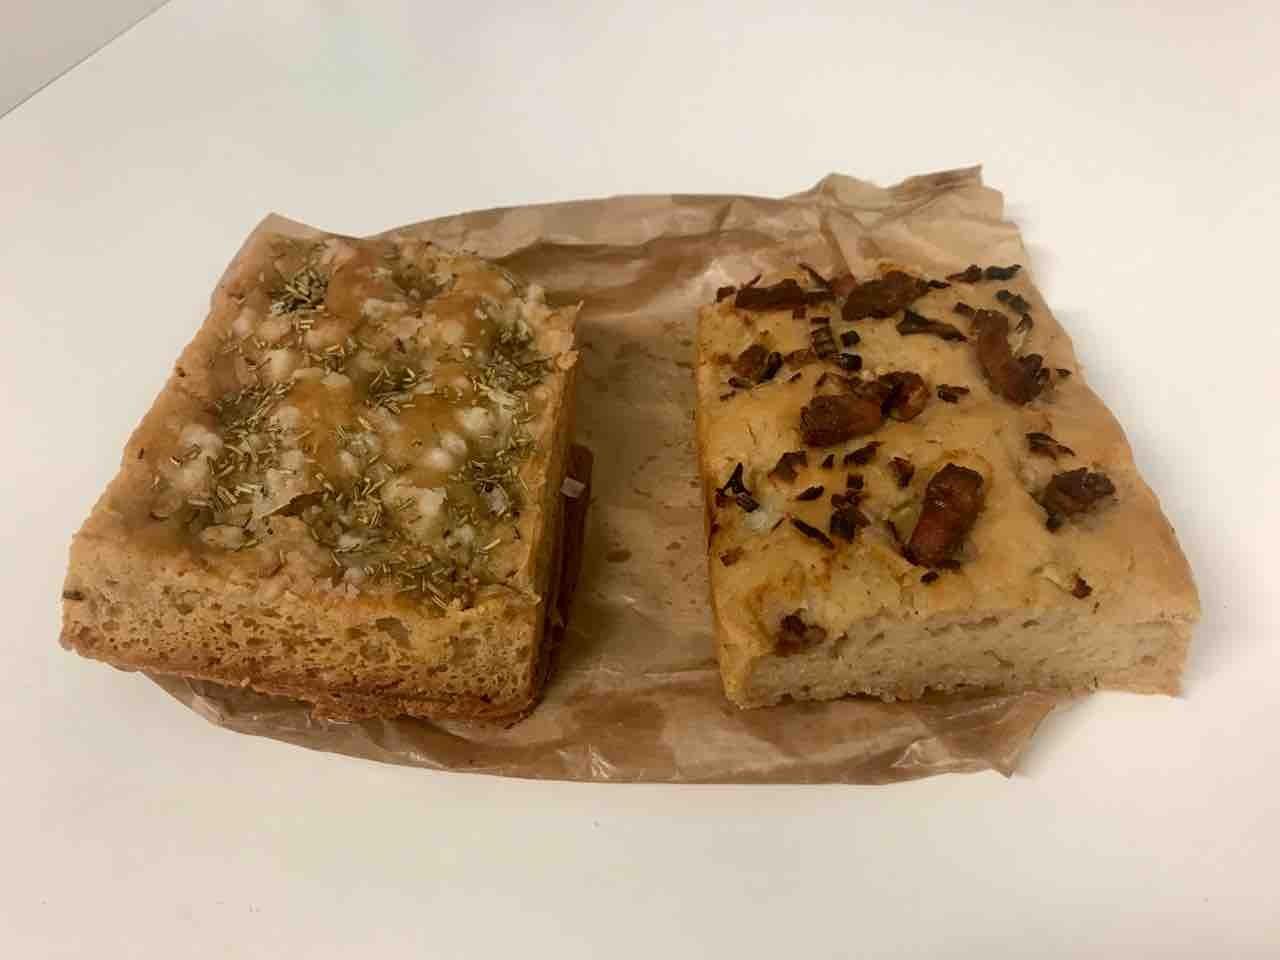 Glutenfree bruschetta from Happy Atelier